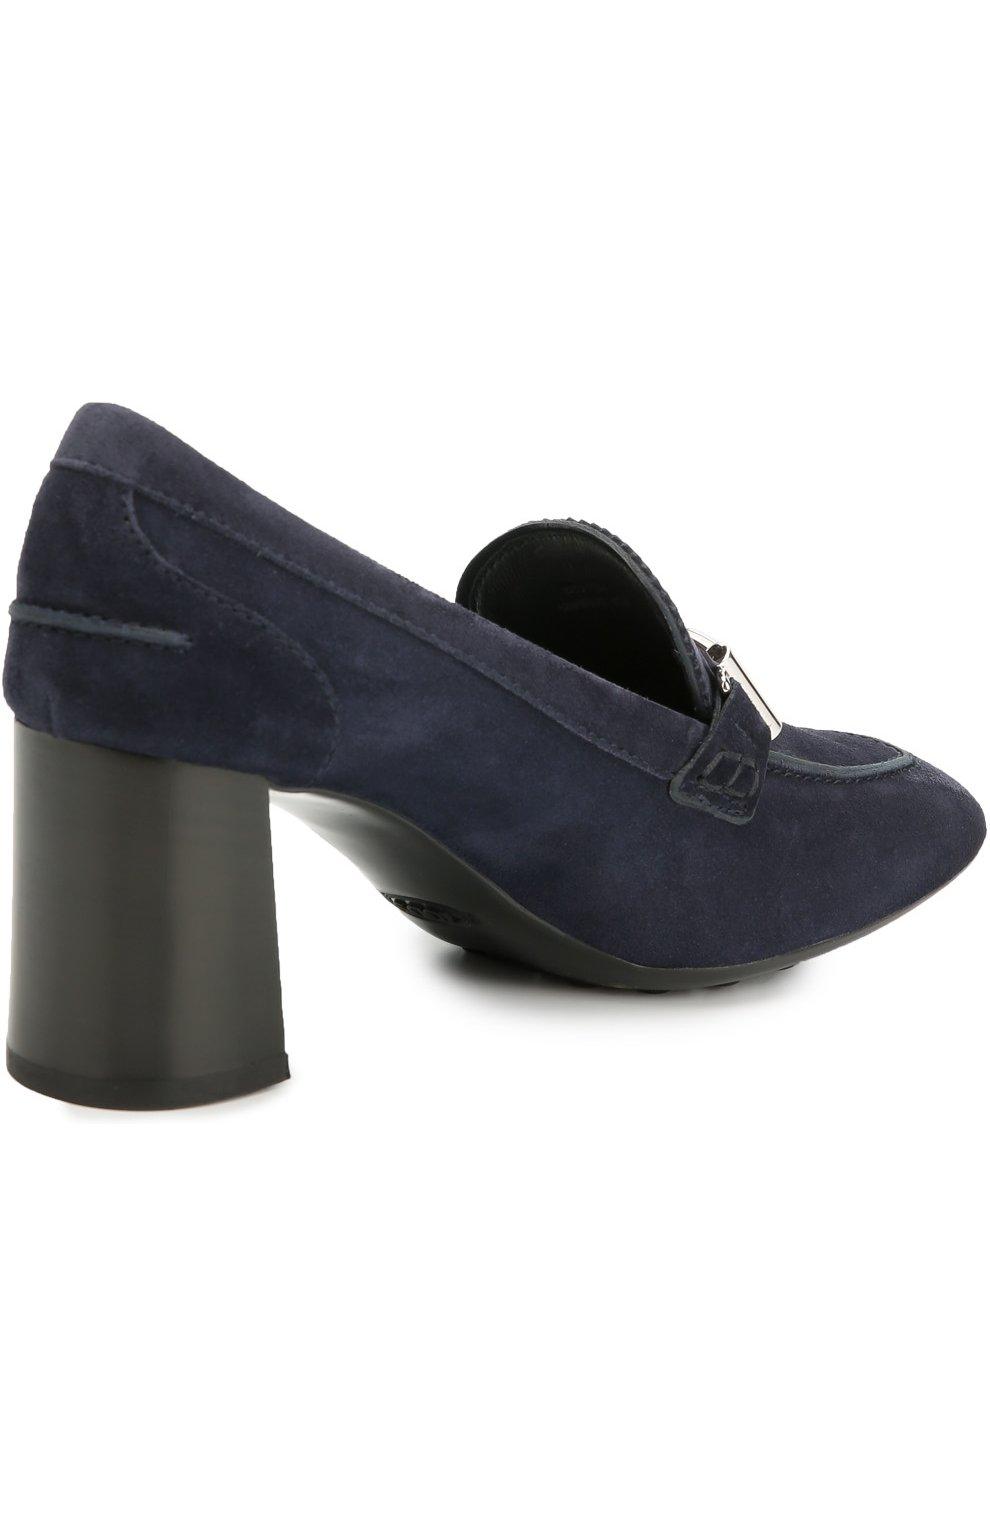 Замшевые туфли Gomma с пряжкой | Фото №4